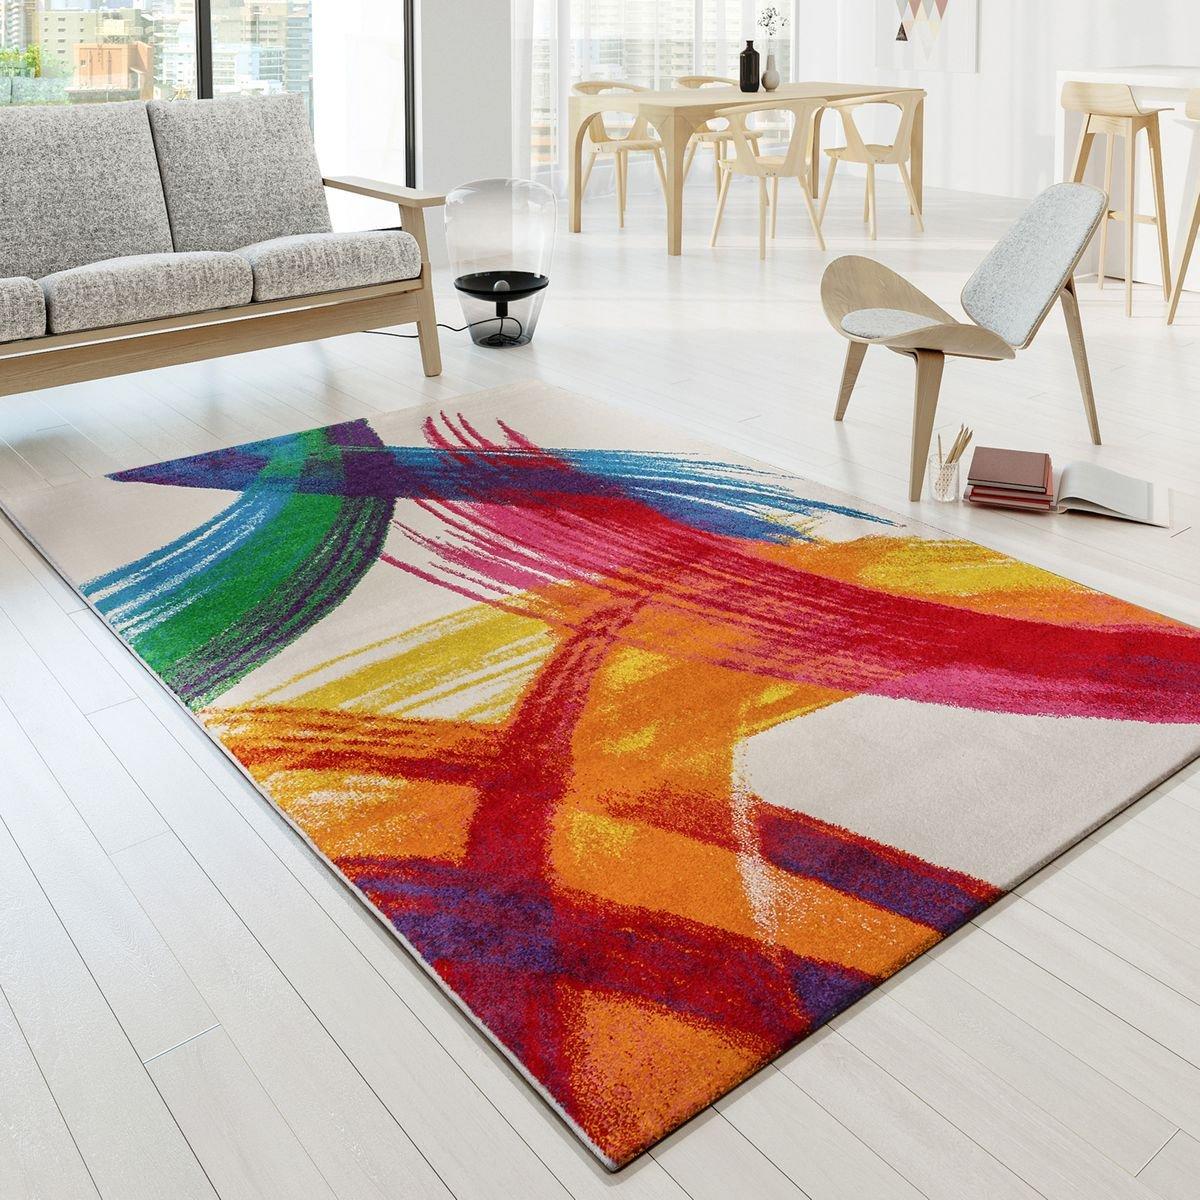 T&T Design Tapis De Créateur Multicolore Œuvre d'art Picasso Aspect Brush Moderne Multi Crème Jaune Rouge, Dimension:160x230 cm